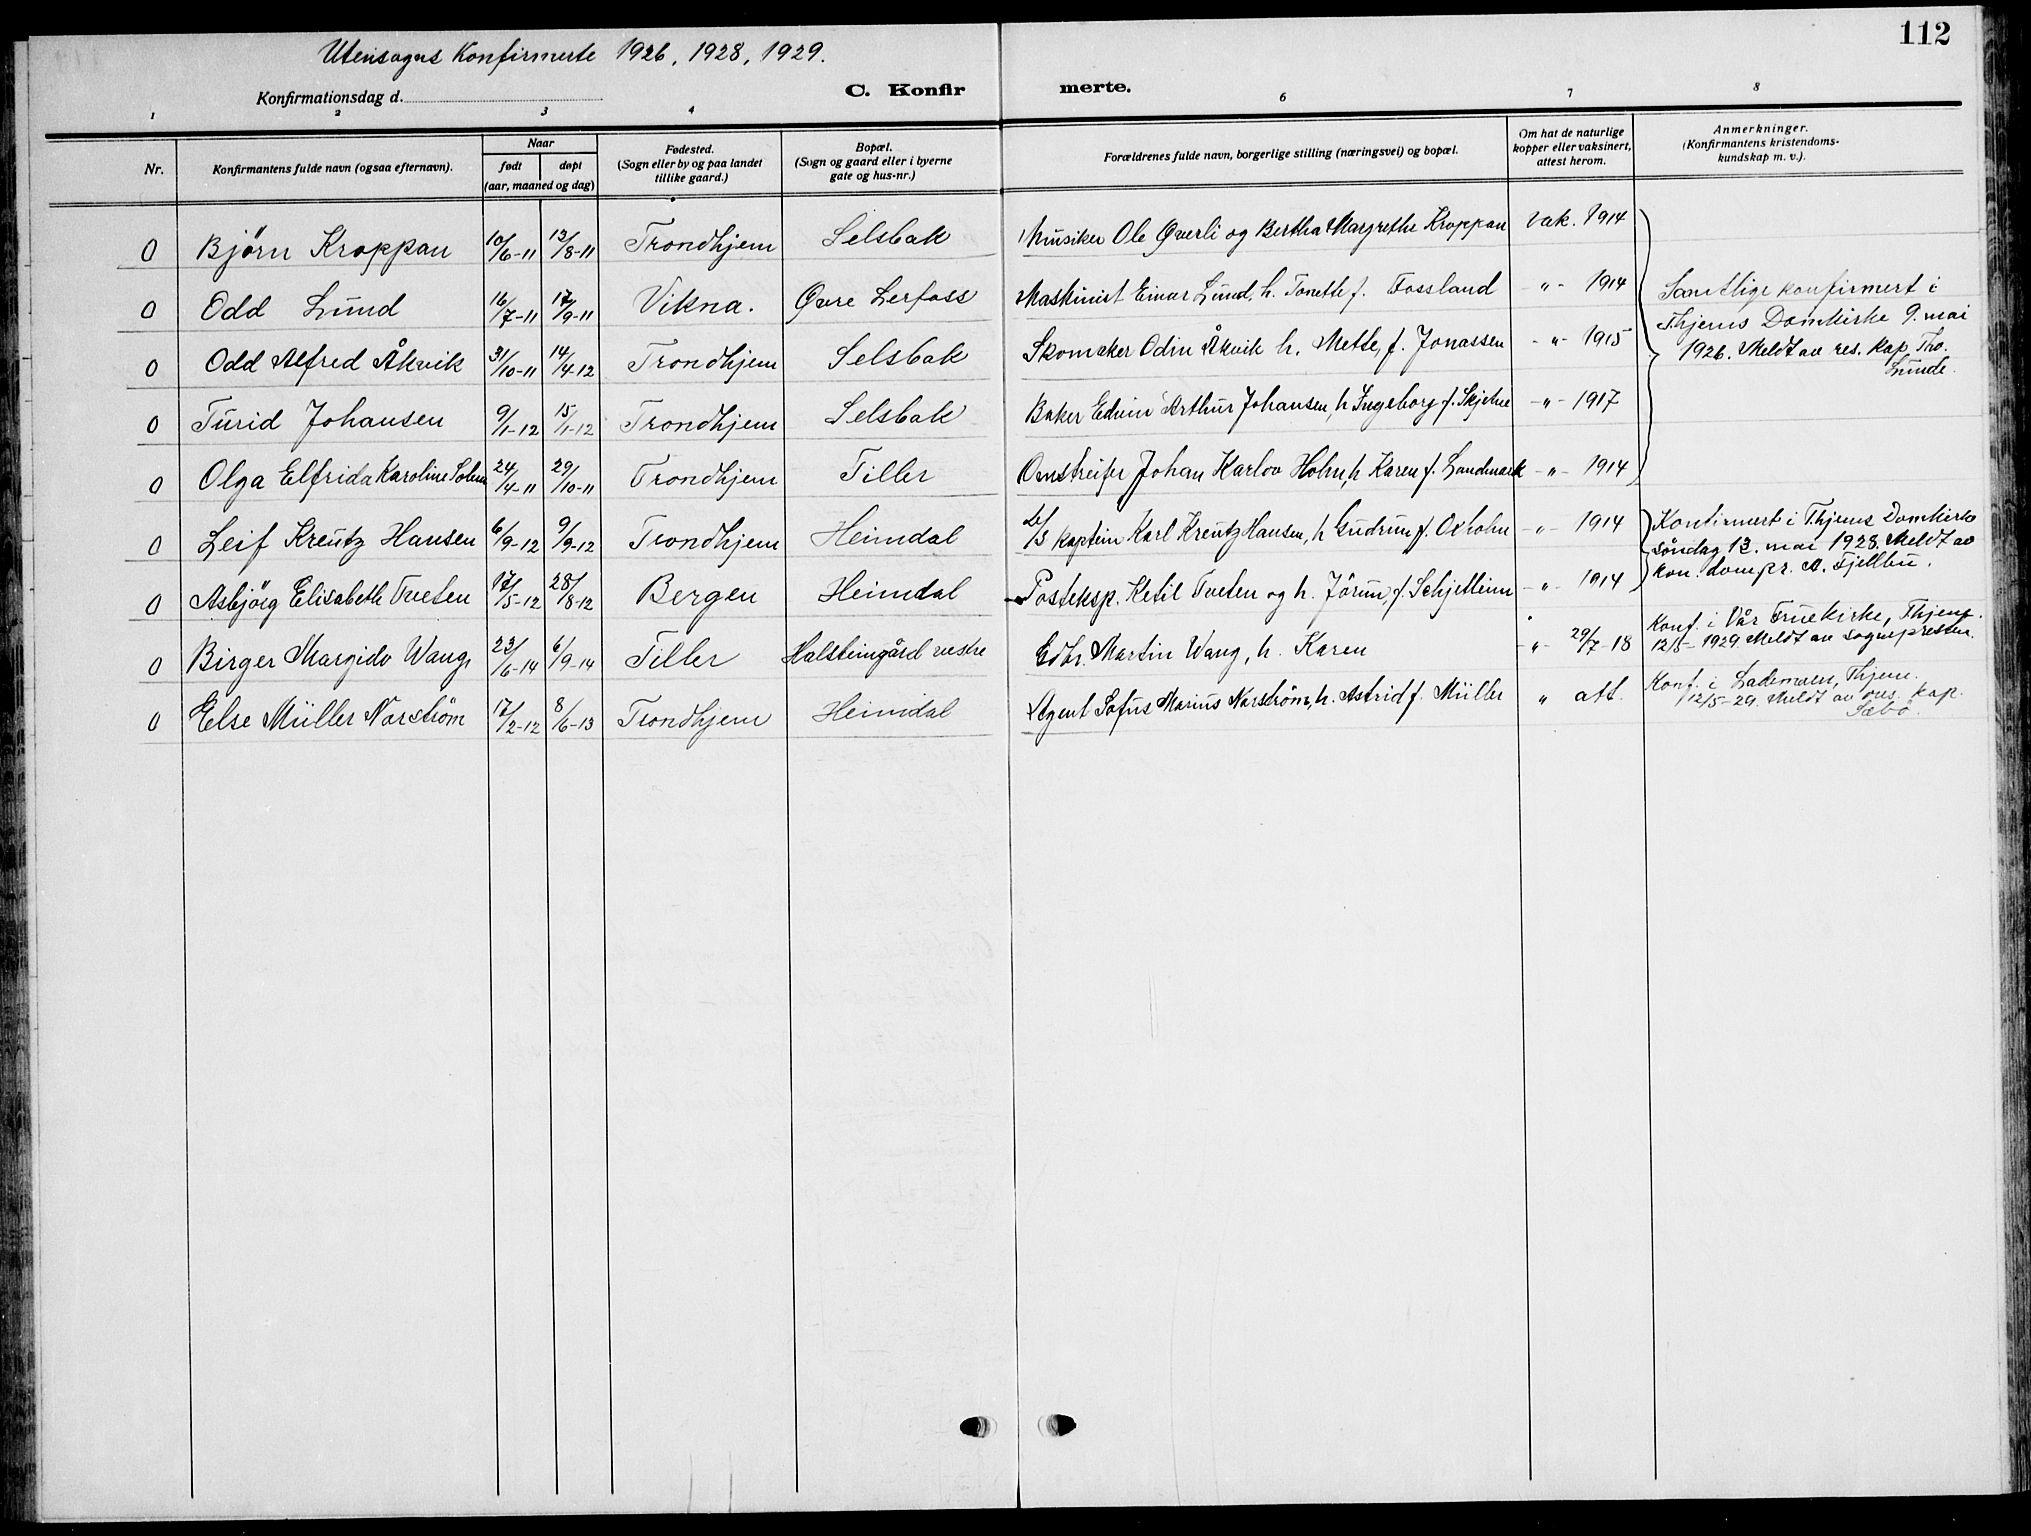 SAT, Ministerialprotokoller, klokkerbøker og fødselsregistre - Sør-Trøndelag, 621/L0462: Klokkerbok nr. 621C05, 1915-1945, s. 112